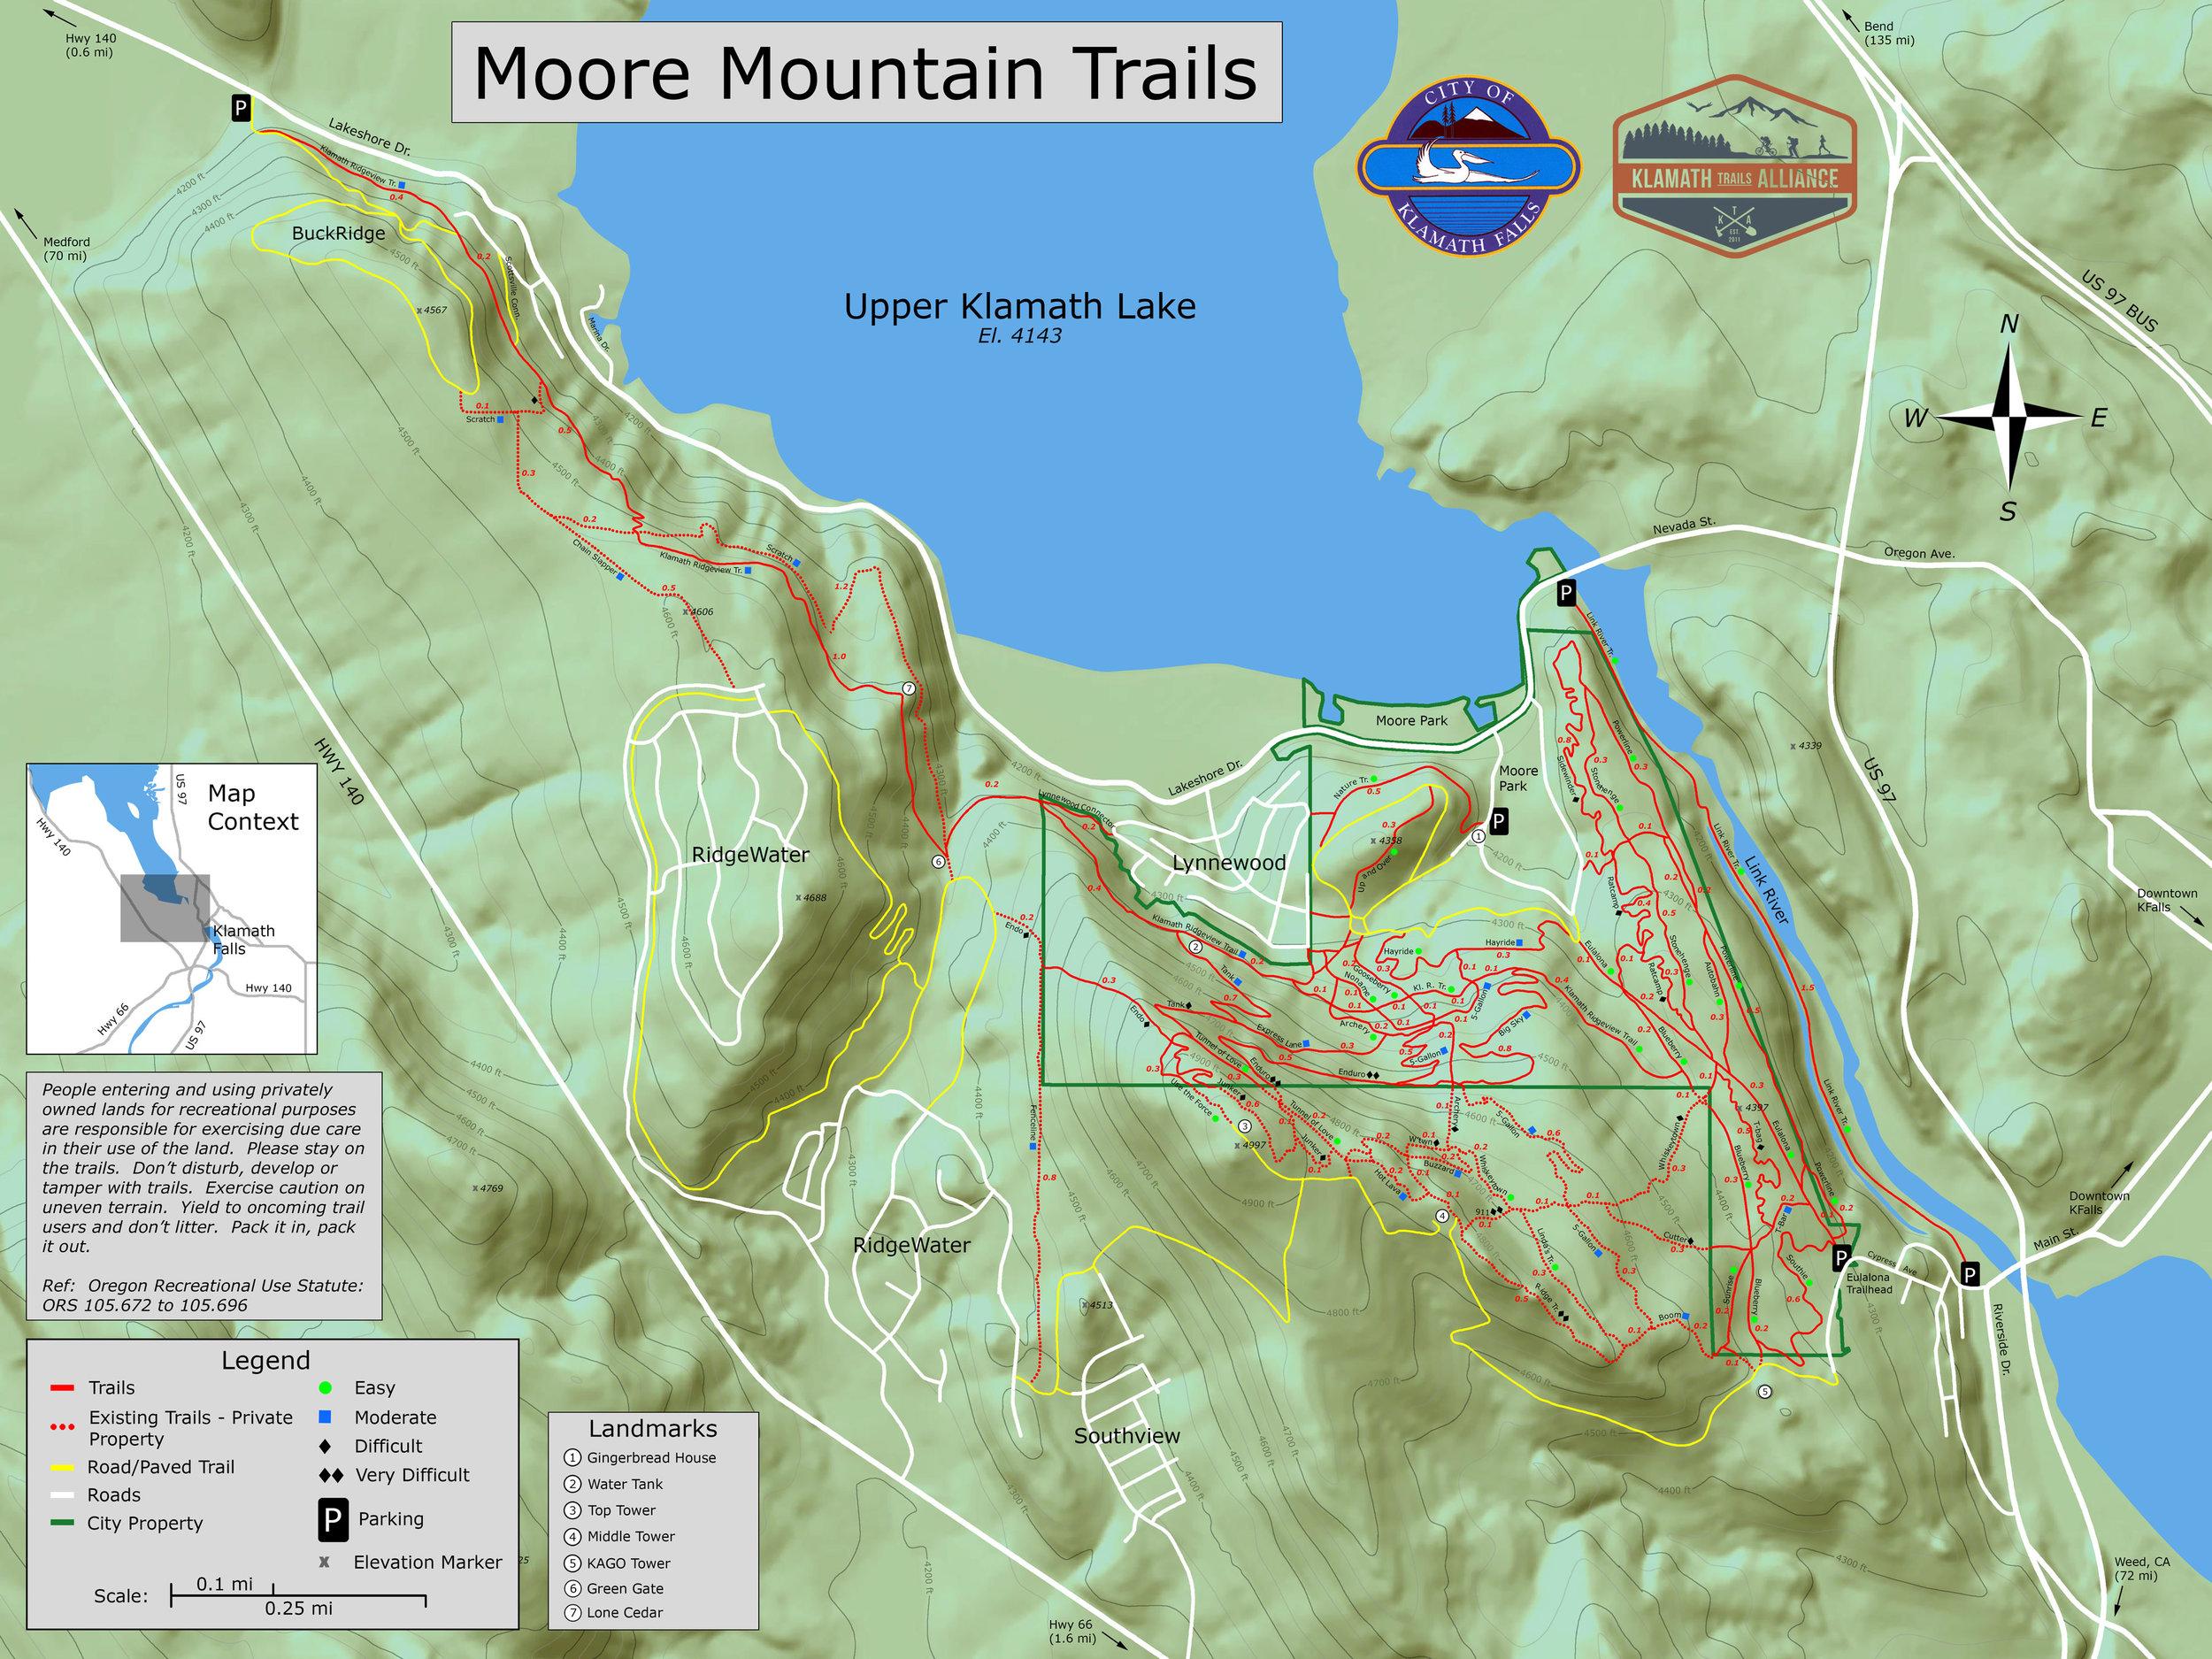 Maps courtesy of Klamath Trails Alliance